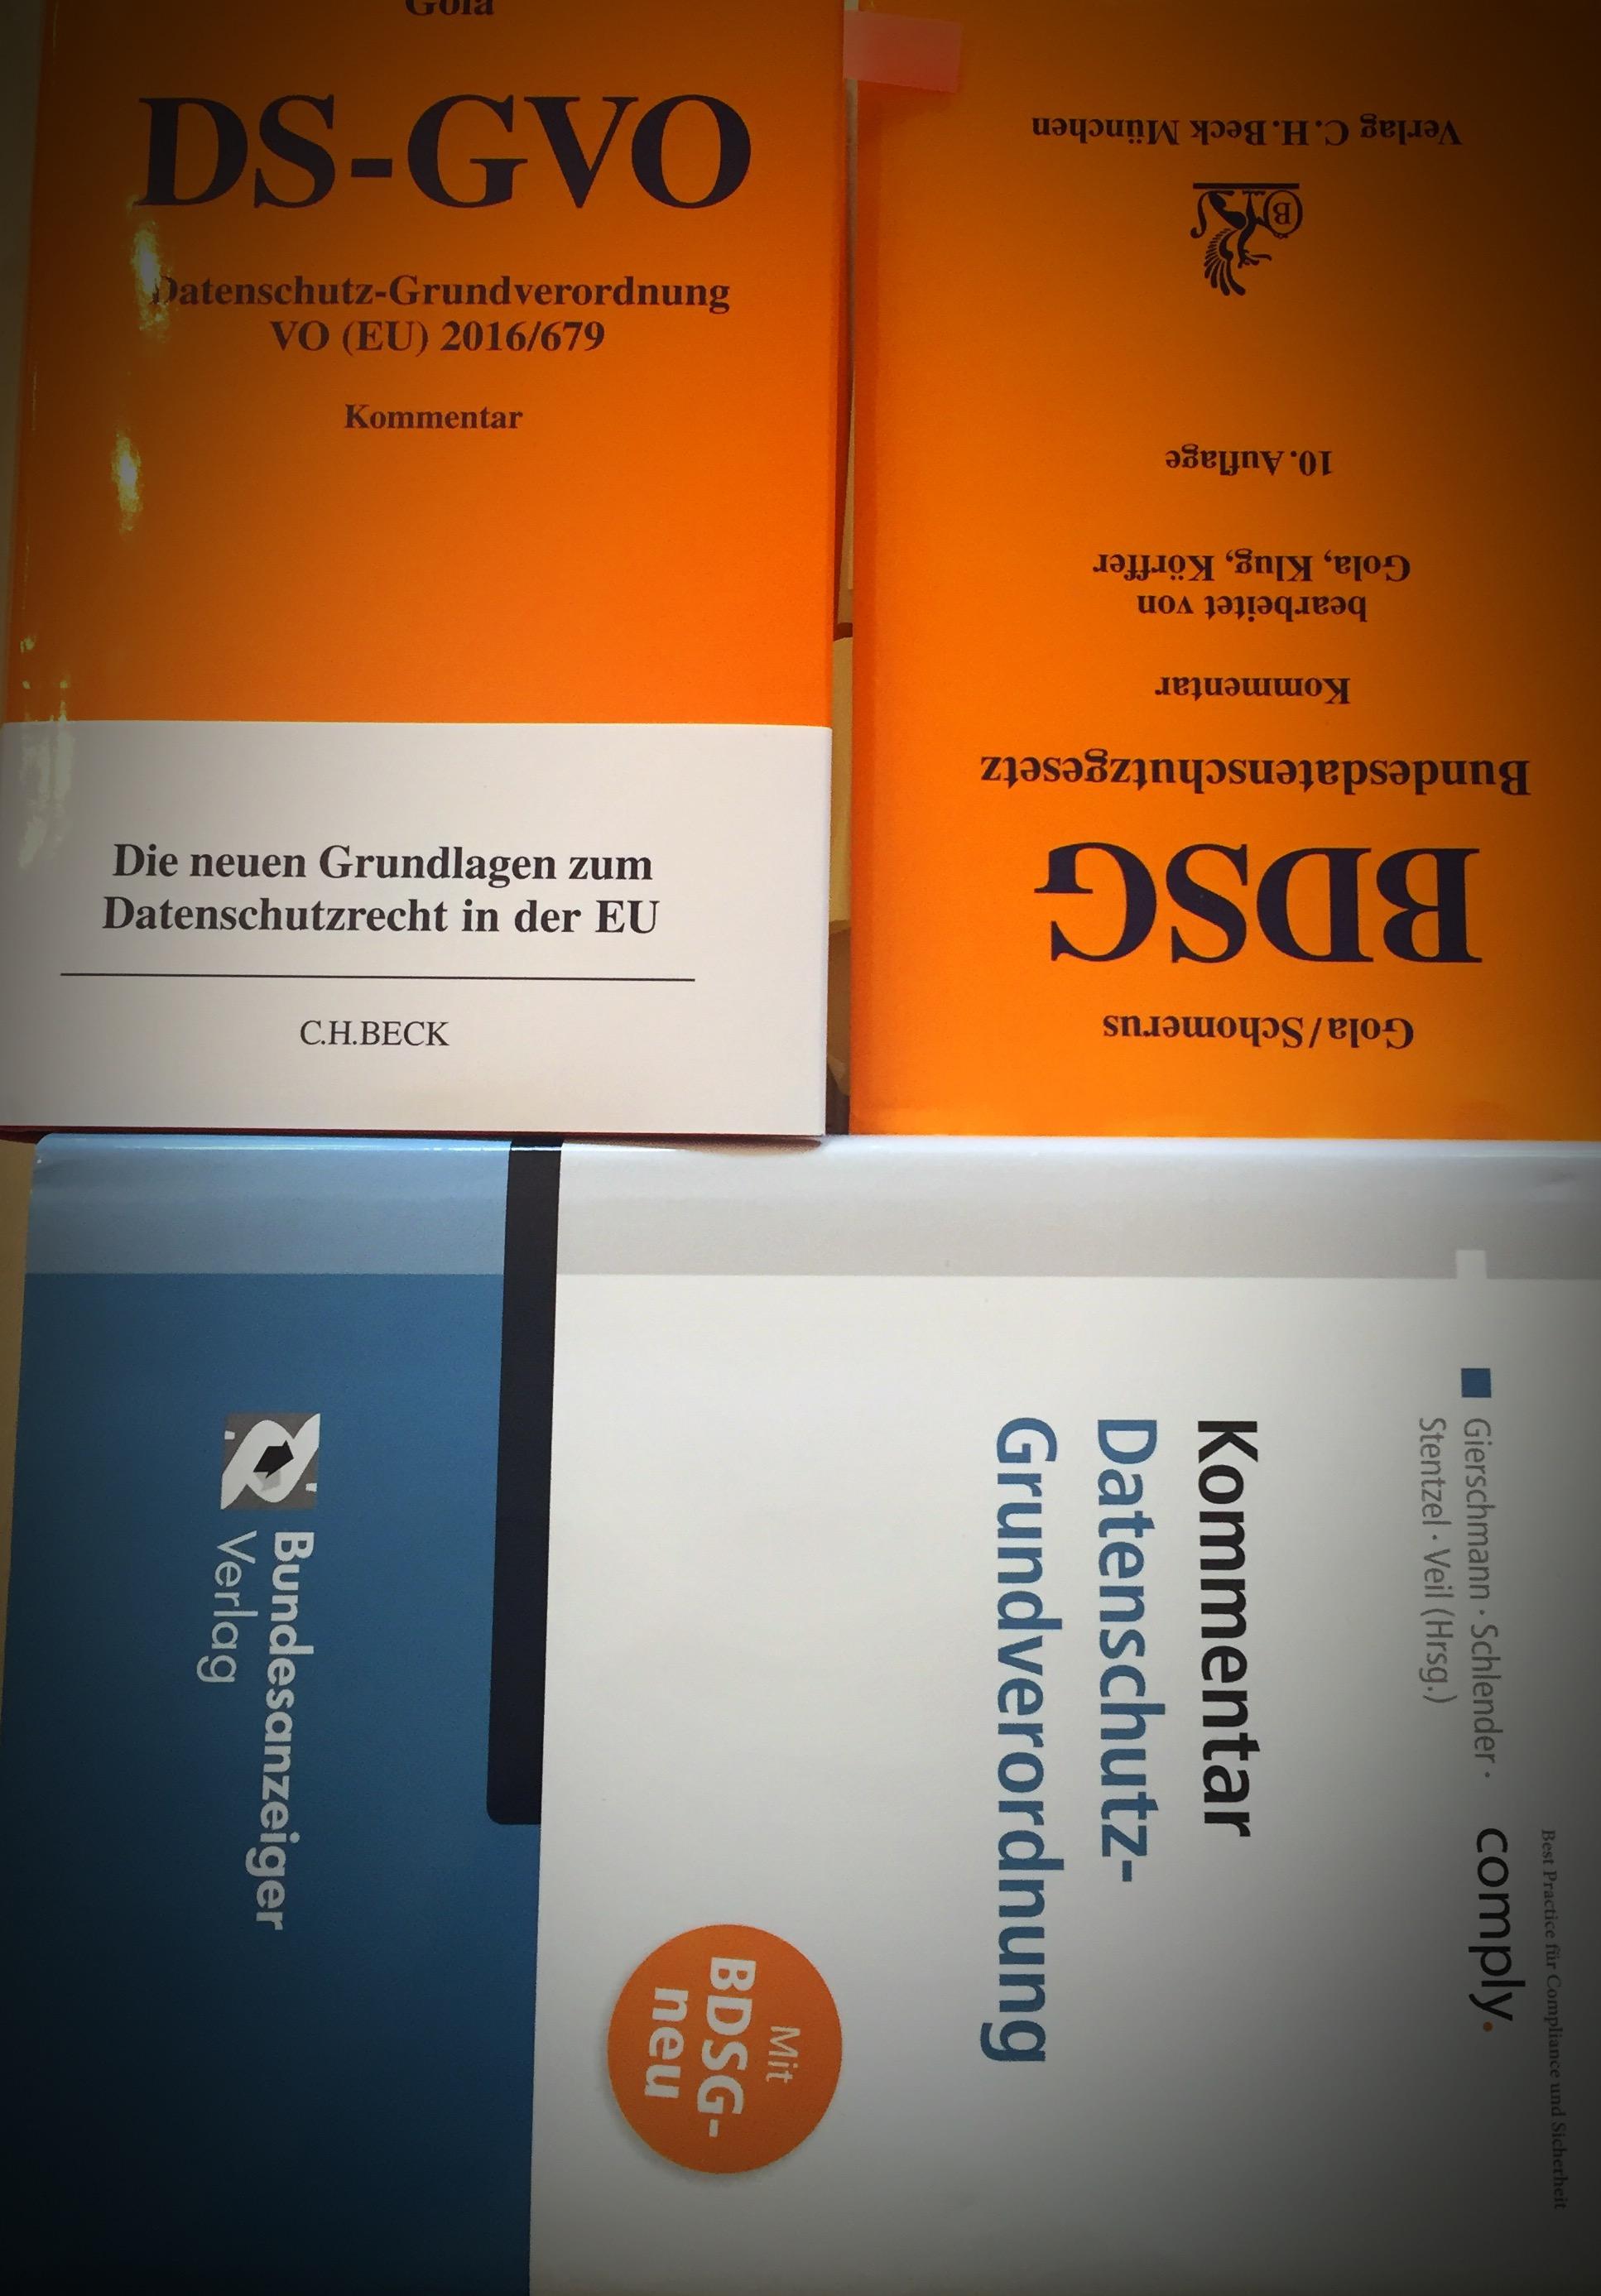 DSGVO: Eine Zwischenbilanz